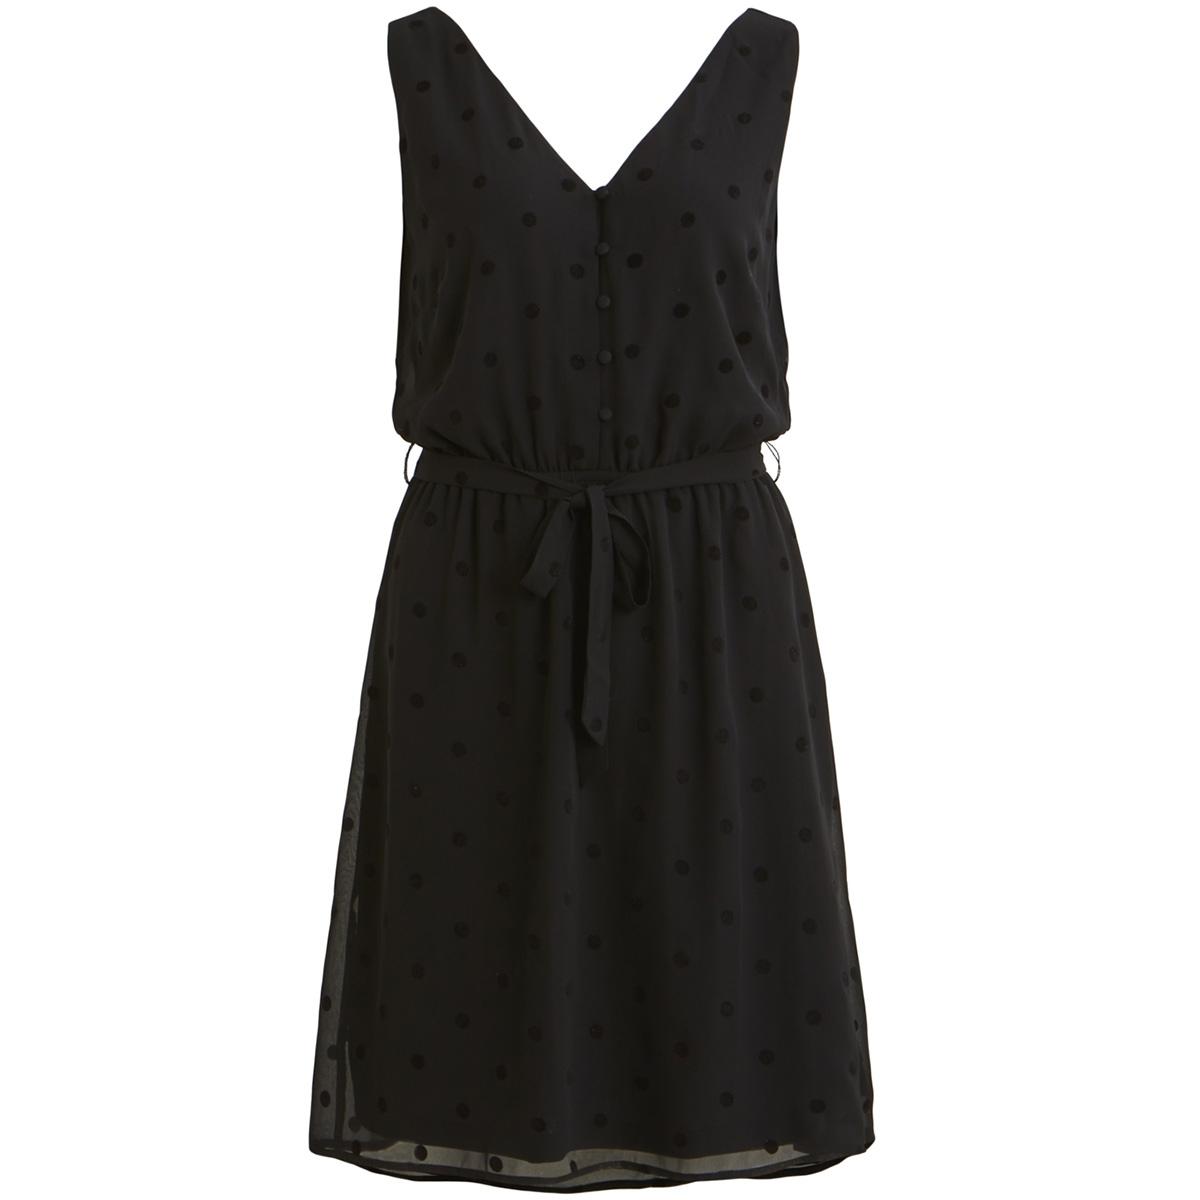 objolivia s/l fiola dress a q 23029428 object jurk black